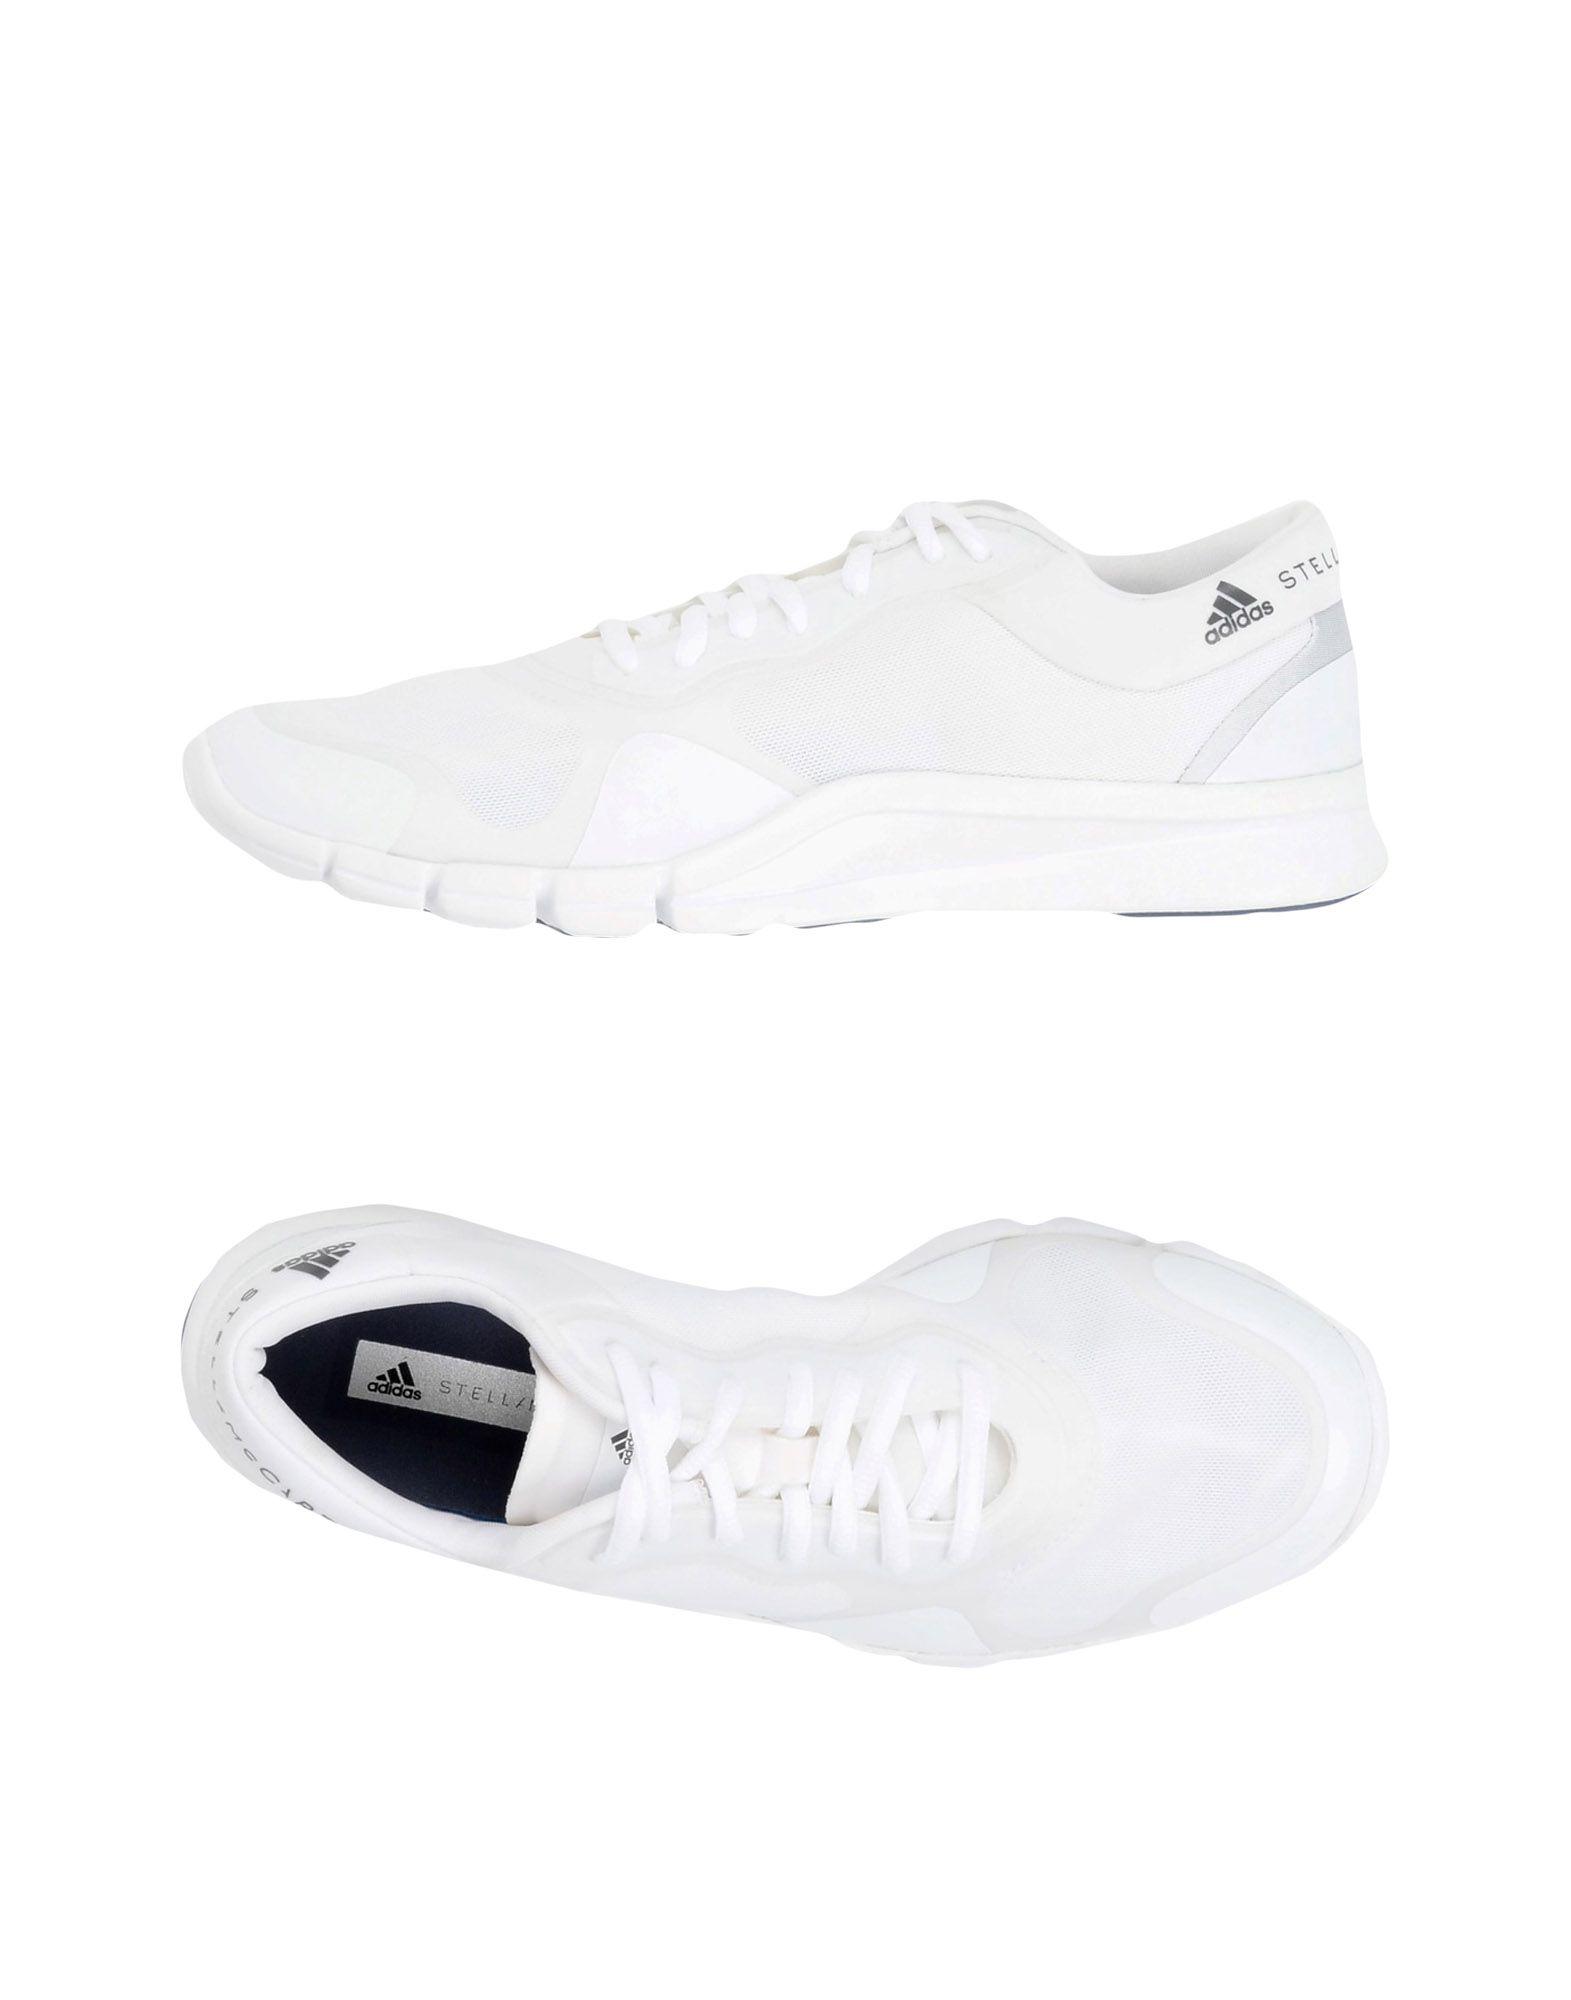 buy online 870df a3d2e ΤΕΝΝΙΣ. Adidas By Stella Mccartney